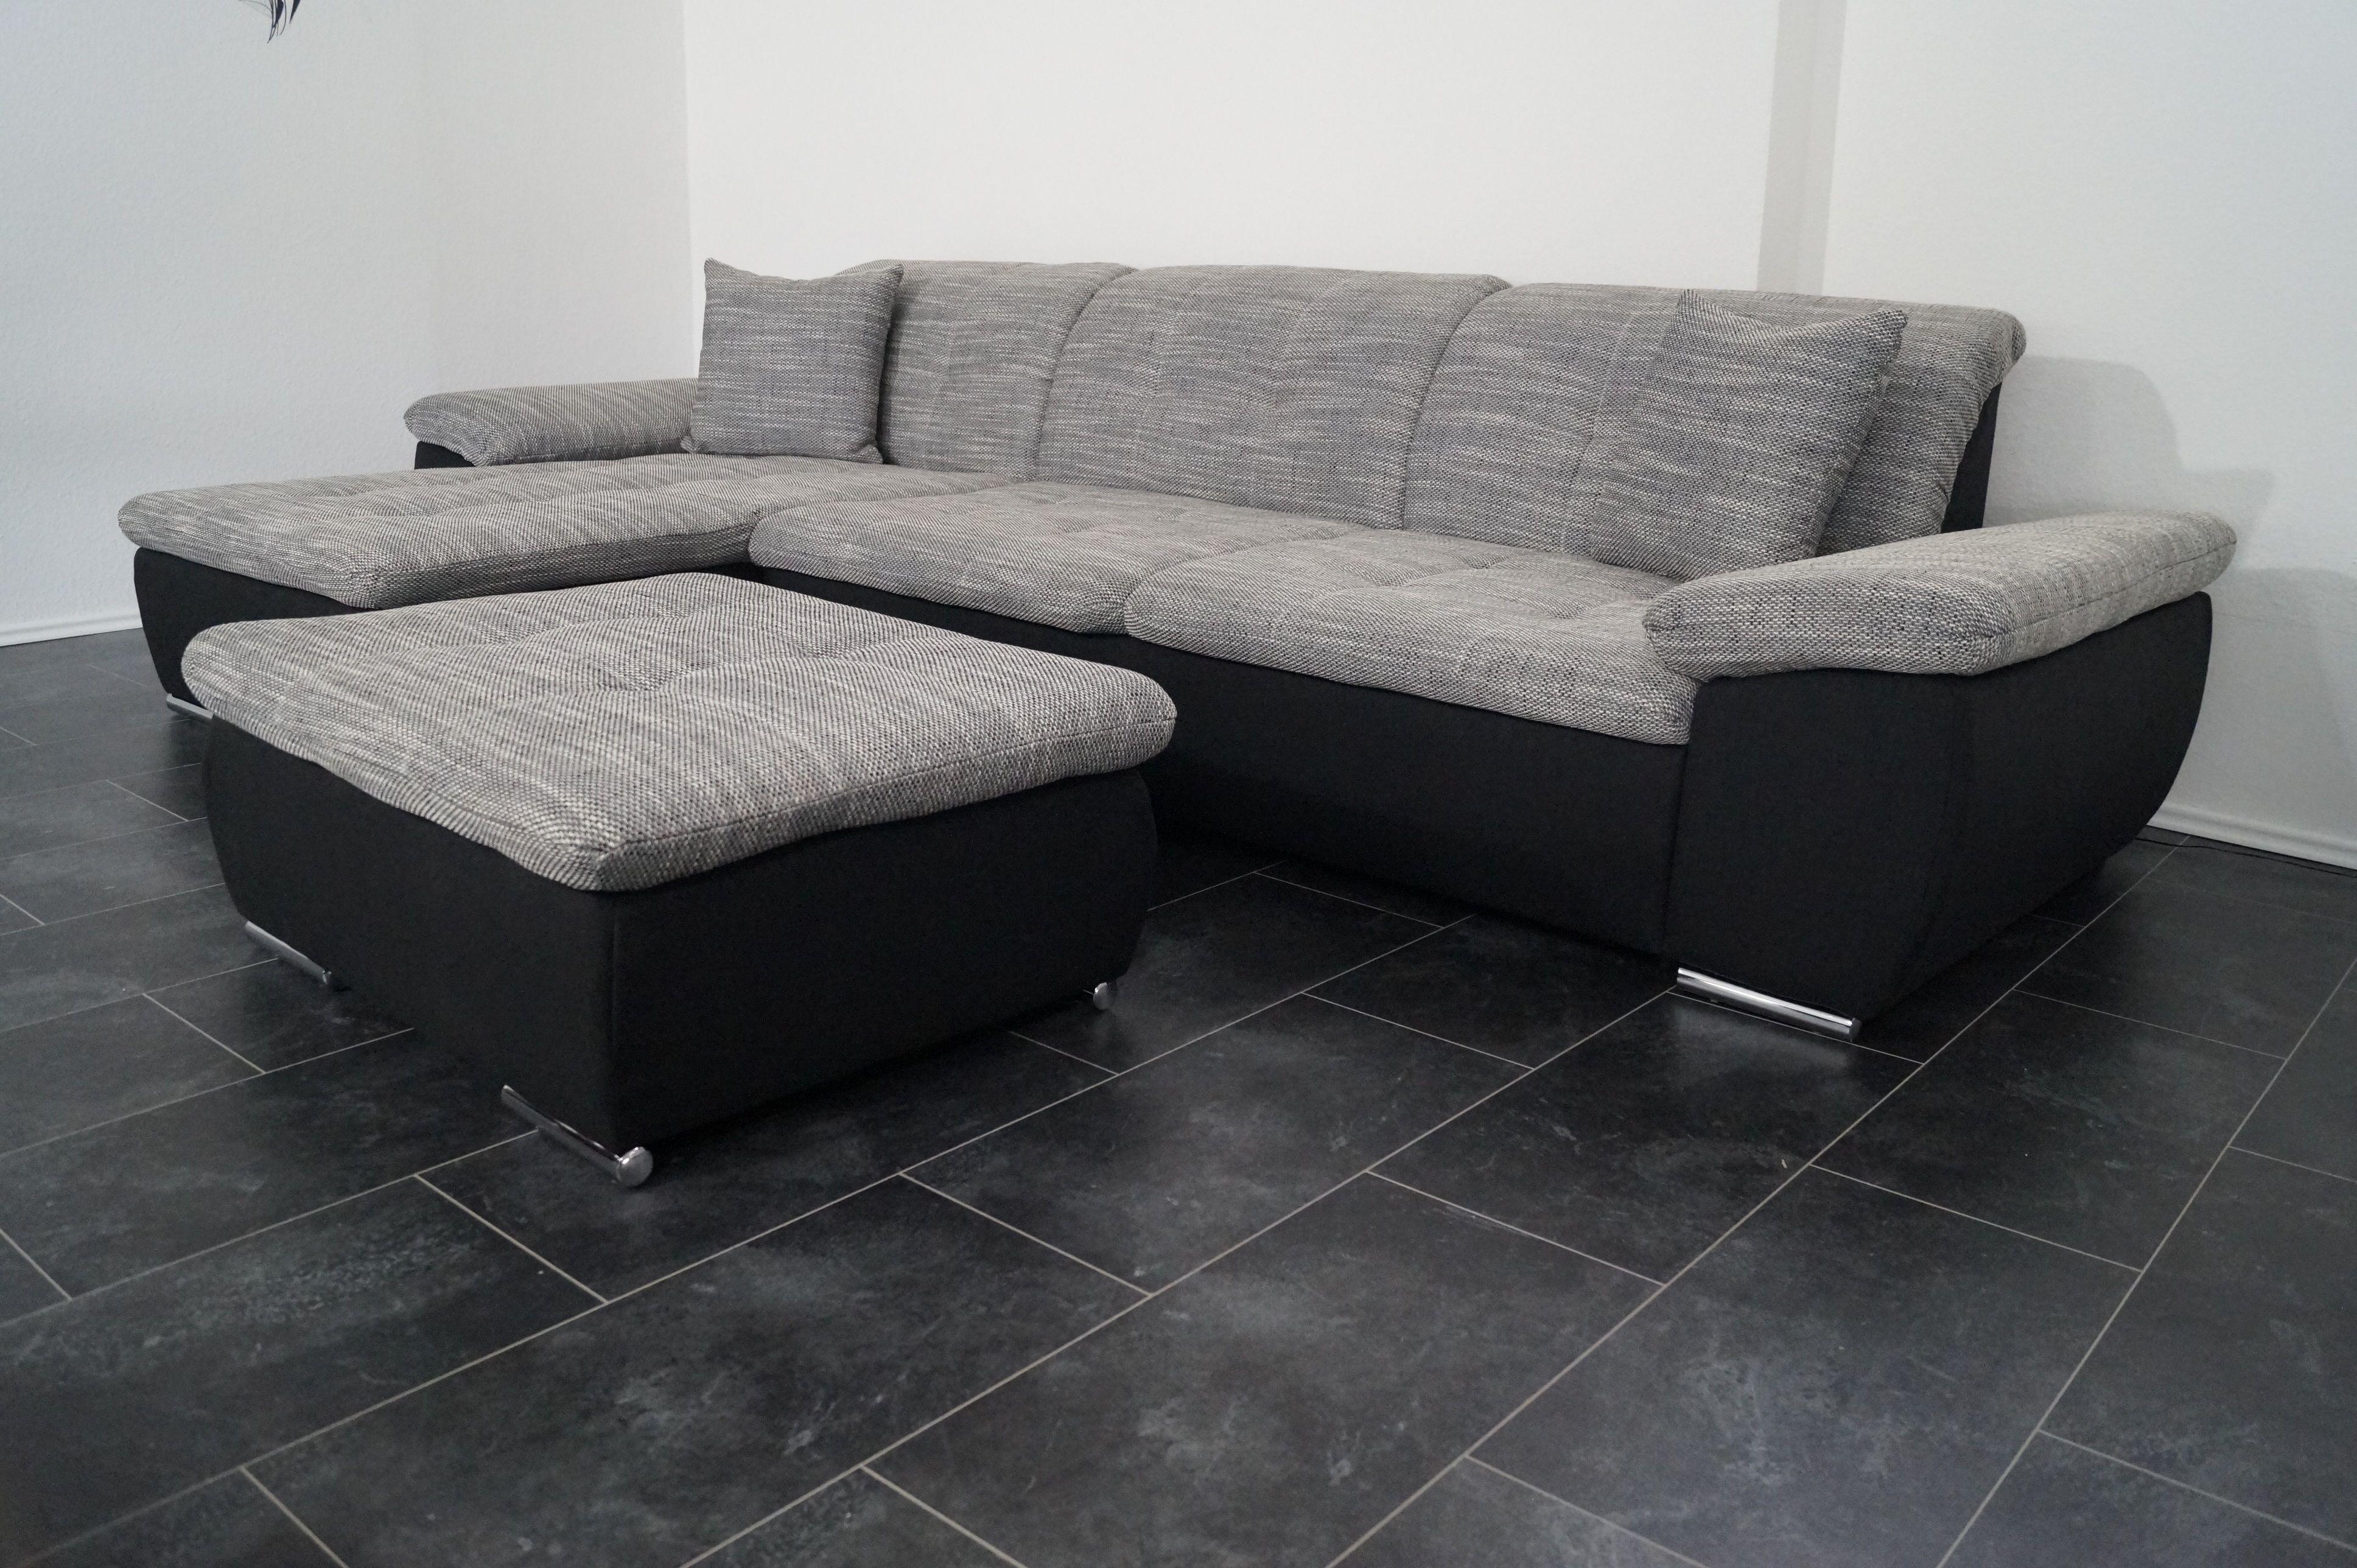 88b4f85cbce9cb Www.sofa-günstig-kaufen.de Möbel SOFORT AUF LAGER !!!  Sofa  Couch  Olpe   Polstermöbel  Elkenroth  westerwald  altenkirchen  Siegen  Hachenburg   Wirges ...